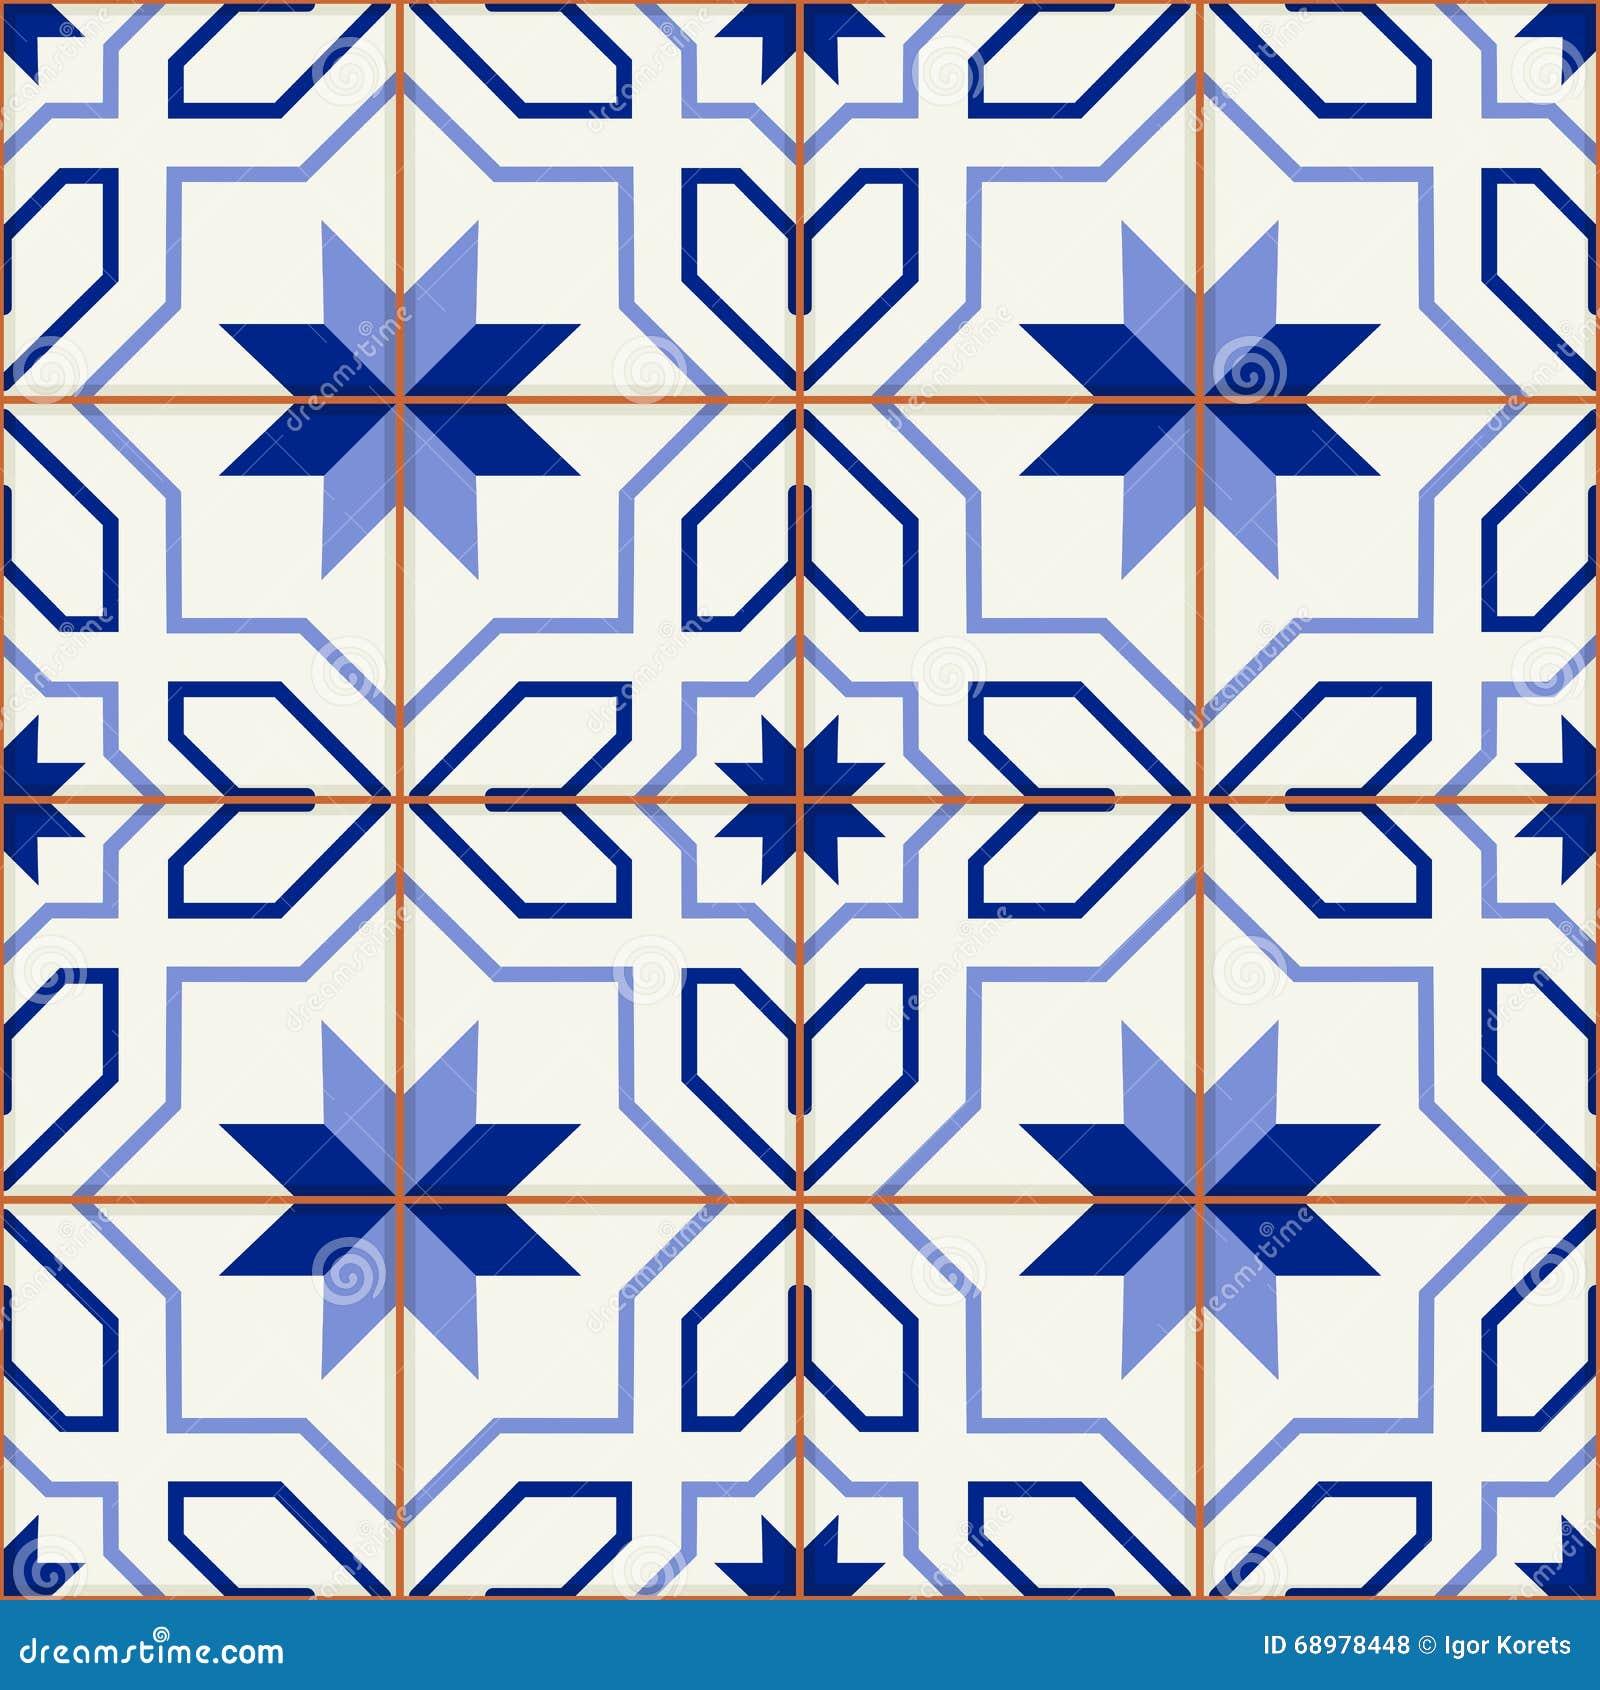 Turkish шикарной безшовной картины белый, марокканец, португальские плитки, Azulejo, арабский орнамент искусство исламское